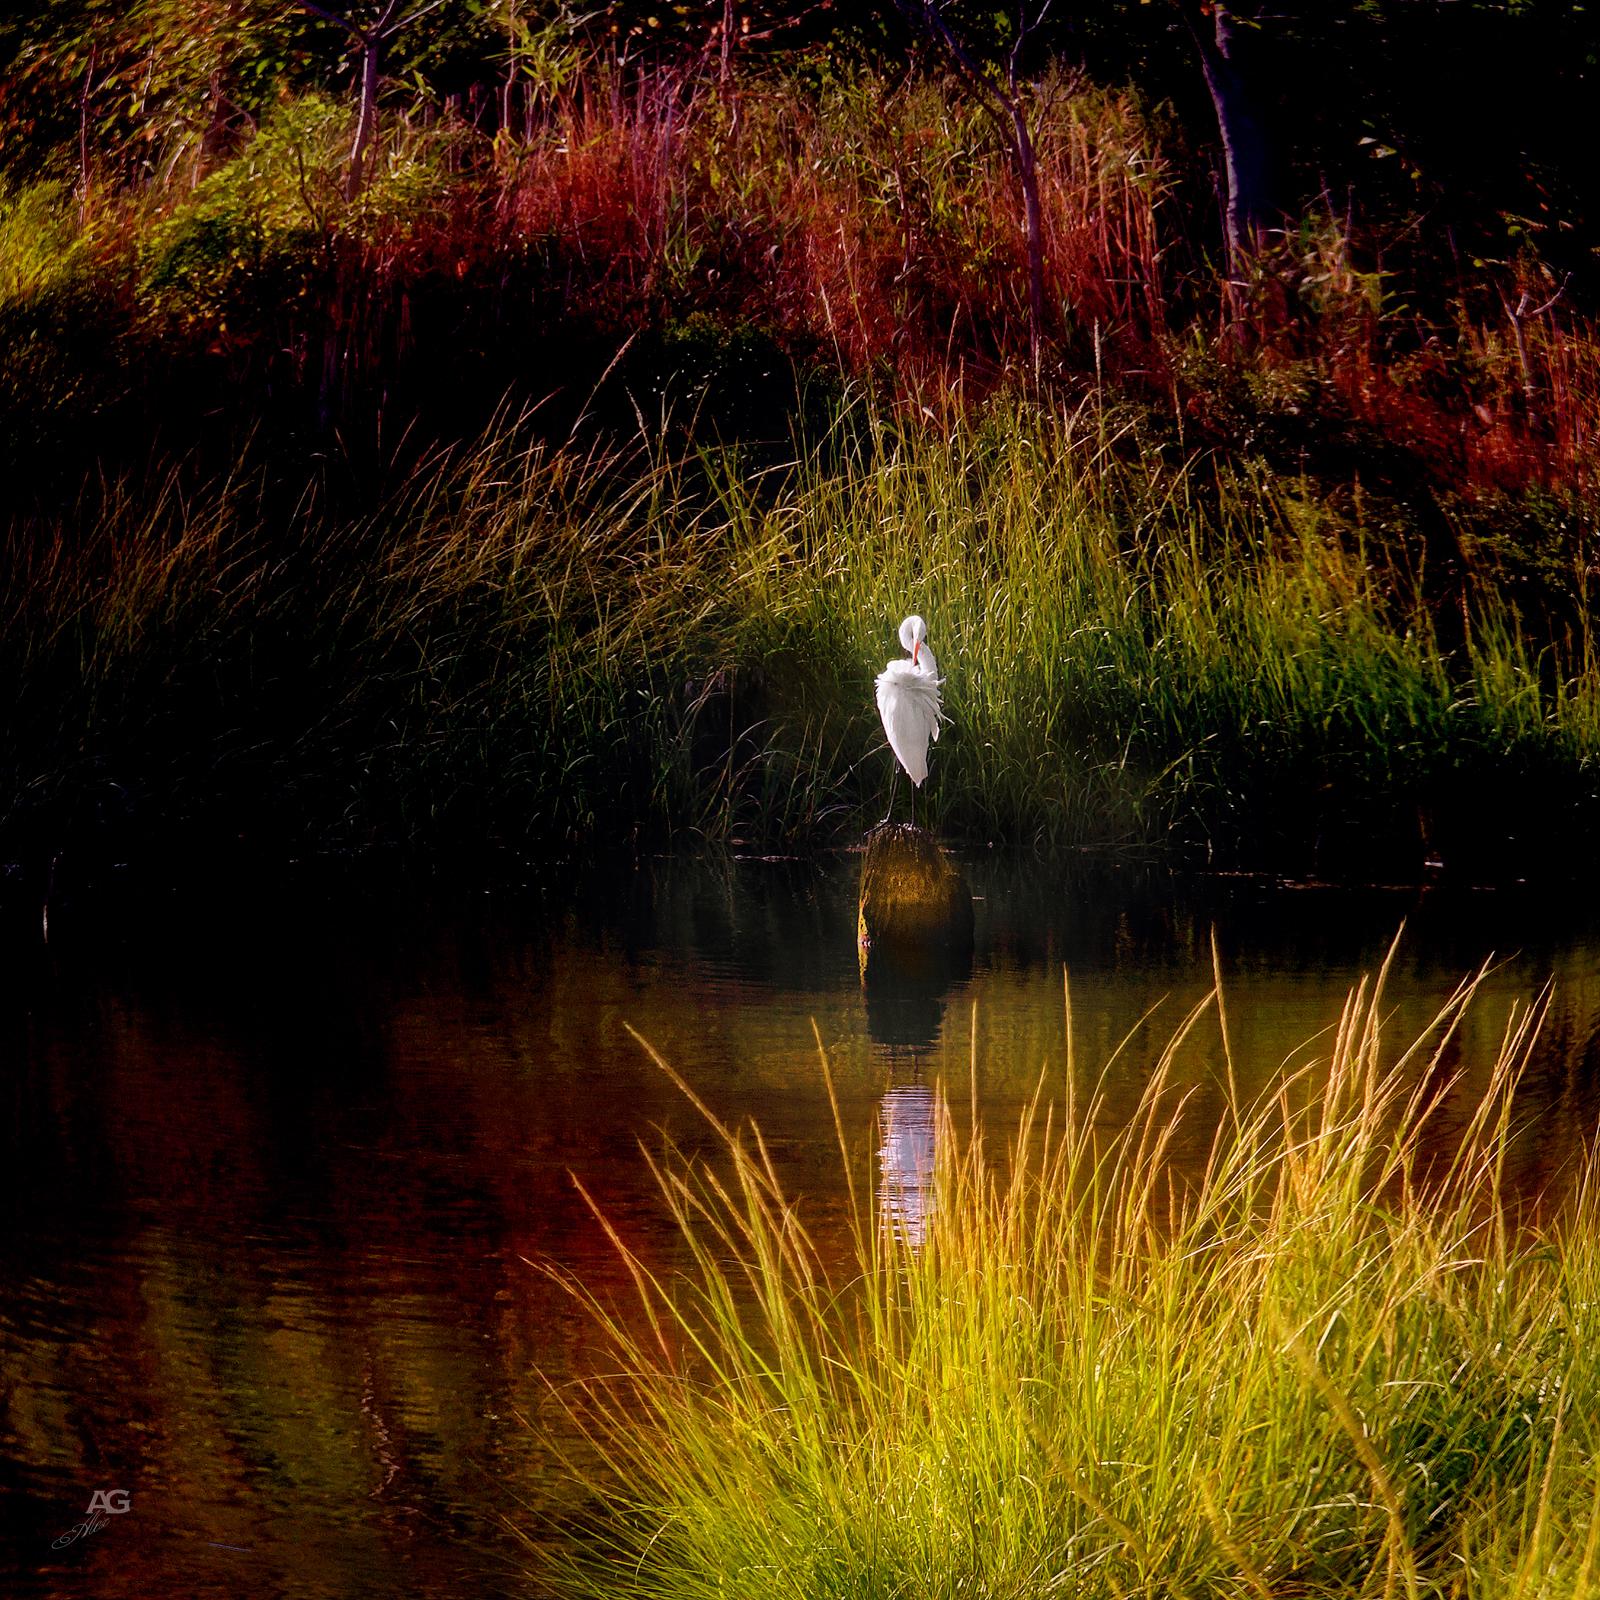 Heron inAnElegantPose_SingleShot_MG_0673_1600